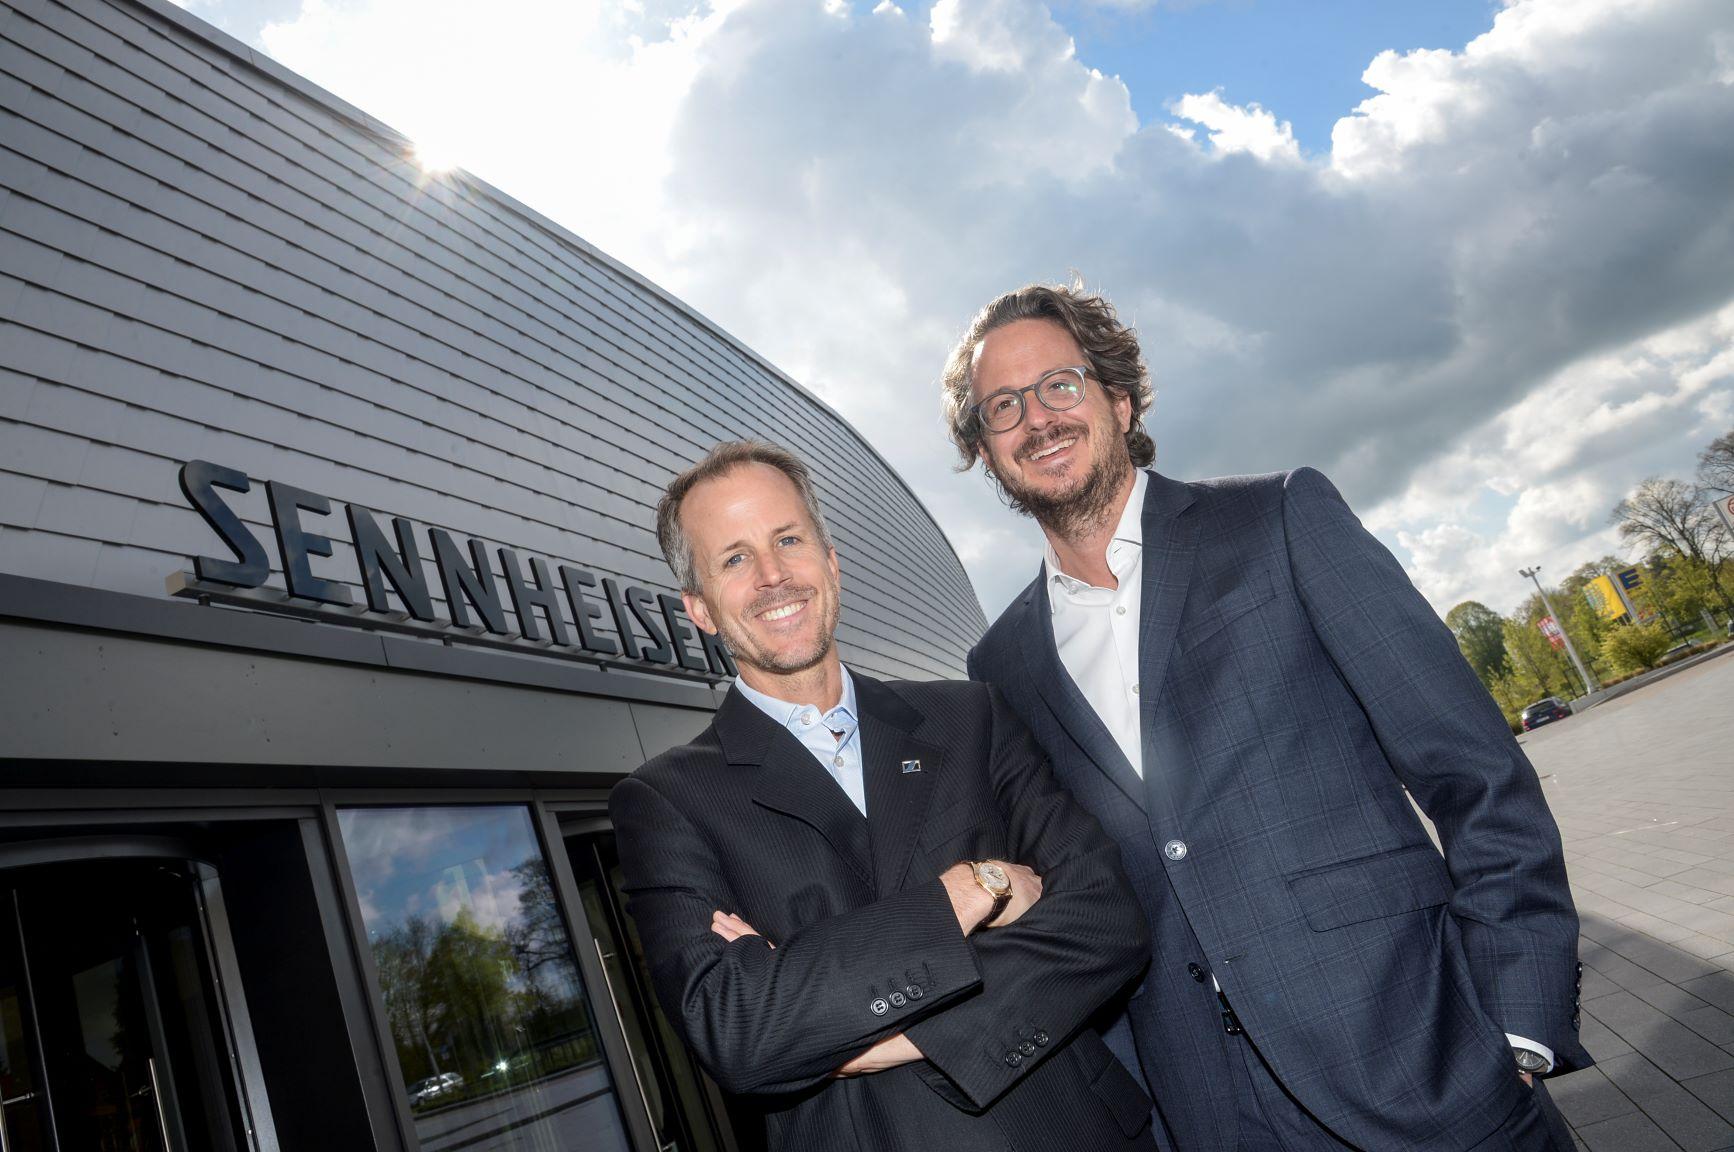 Dr. Andreas Sennheiser (left) and Daniel Sennheiser